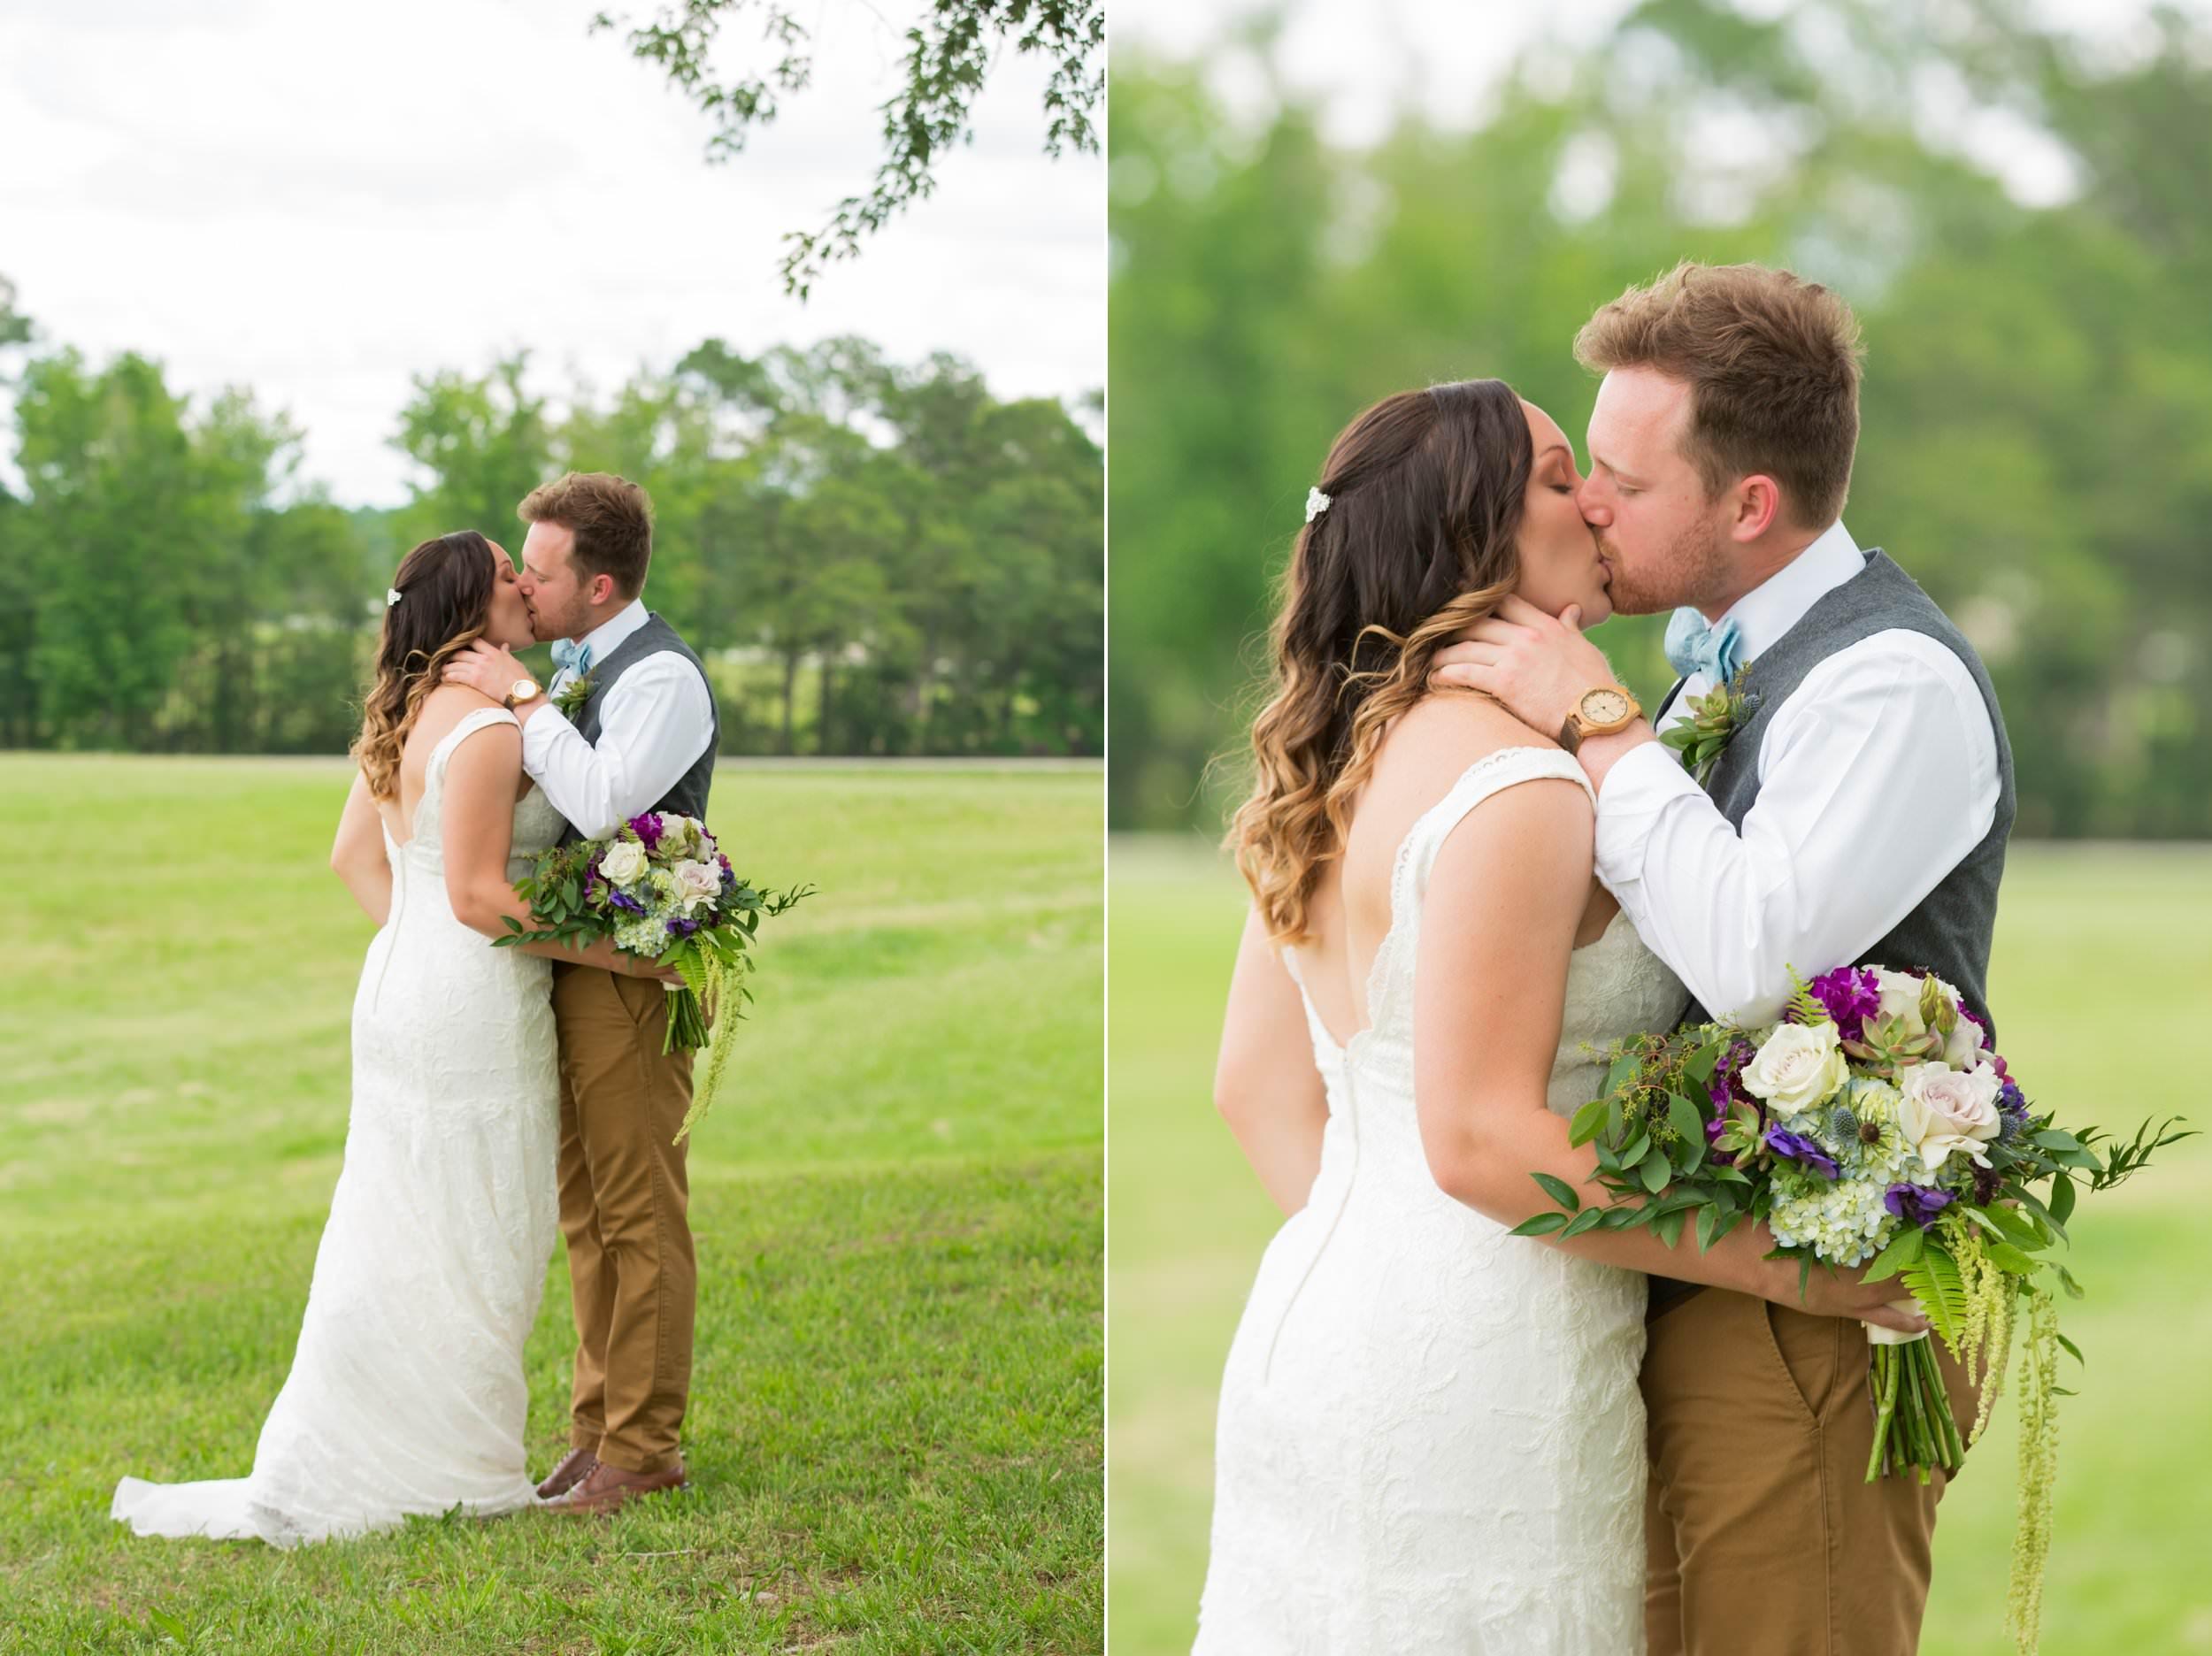 Abby-Manor-Events-Wedding-Photos24.jpg